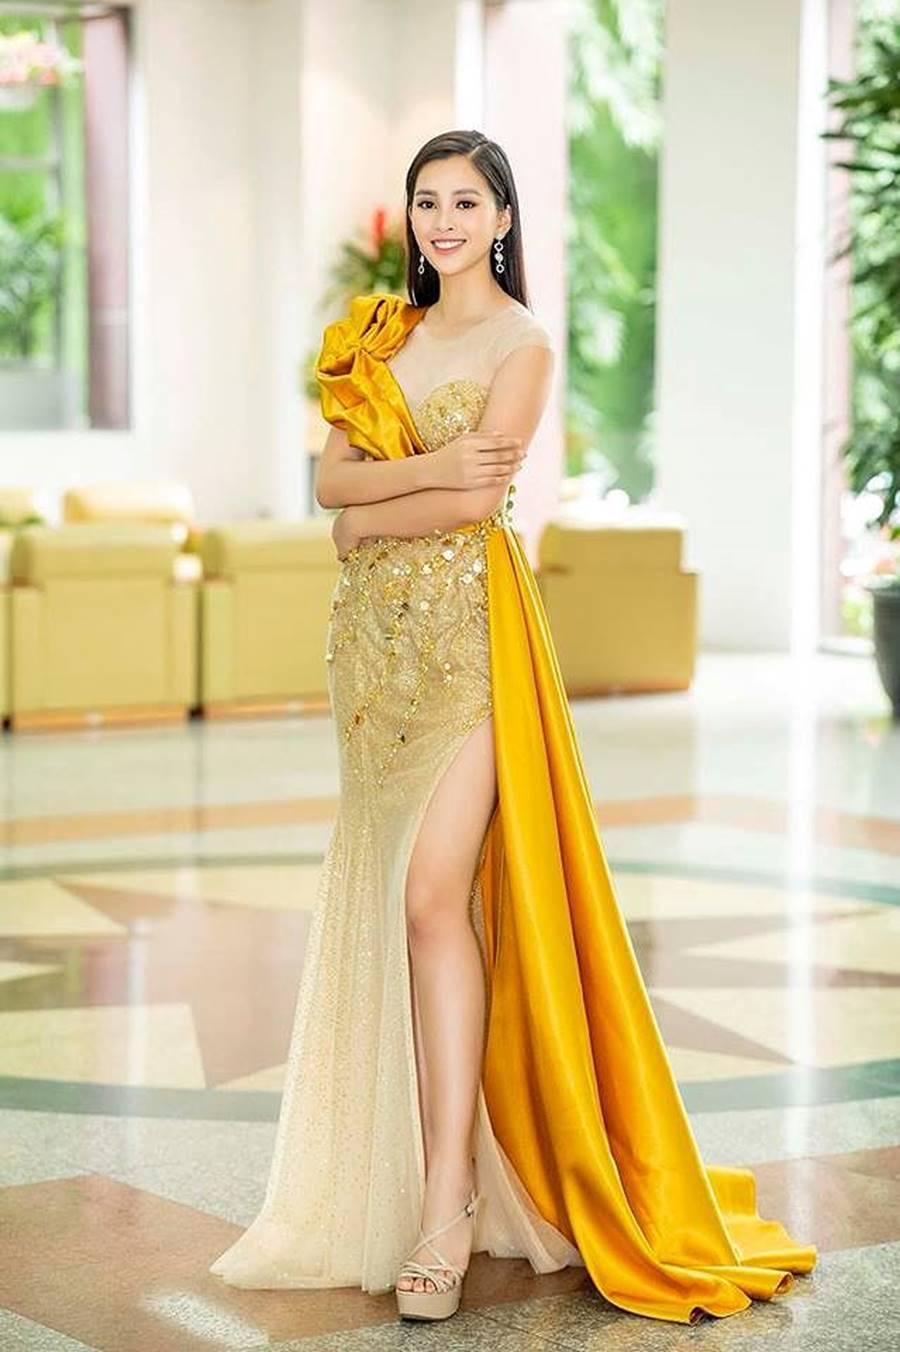 Hoa hậu Tiểu Vy, Á hậu Phương Nga đốn tim fans với váy áo lộng lẫy-2